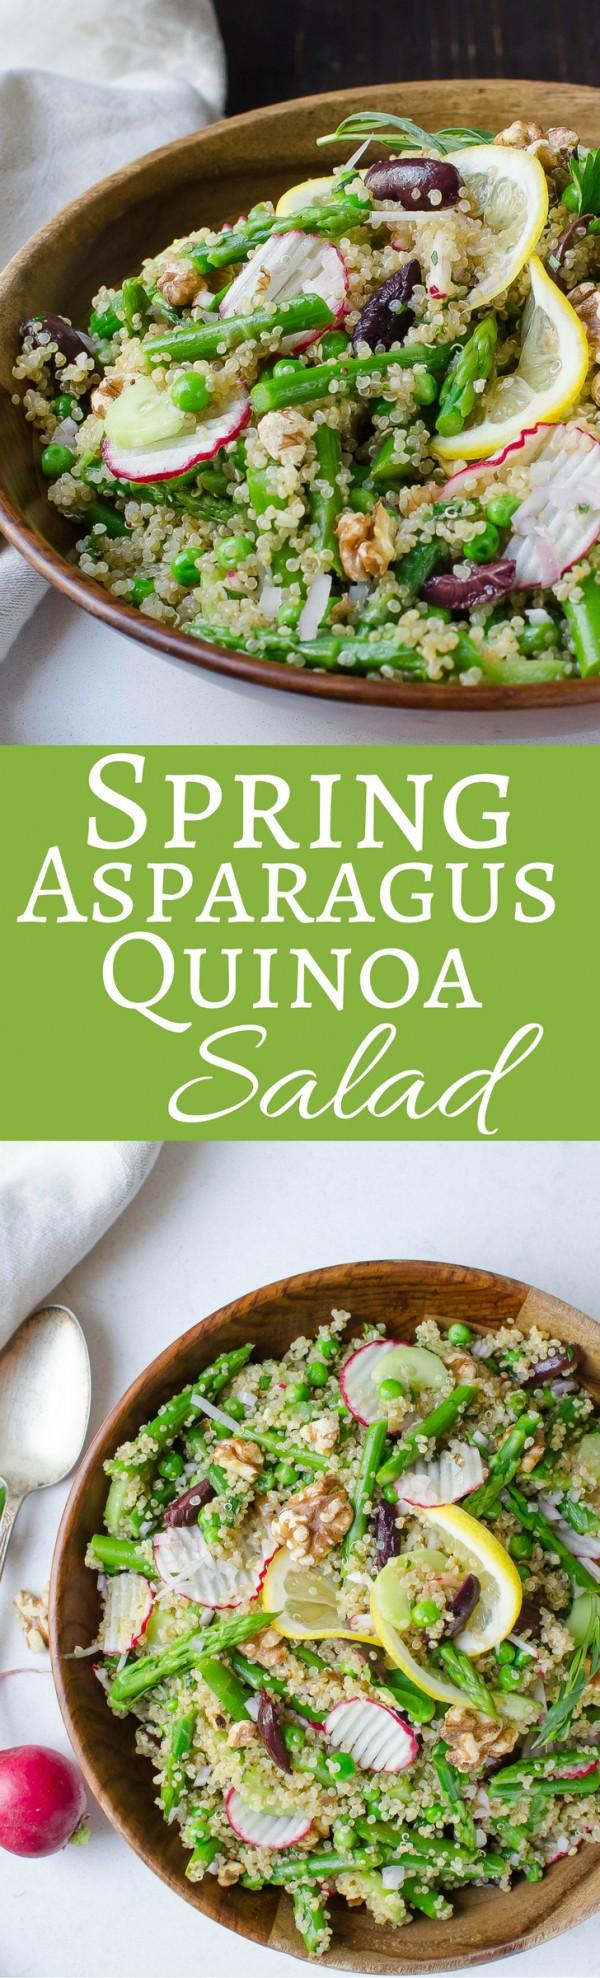 Get the recipe Spring Asparagus Quinoa Salad @recipes_to_go